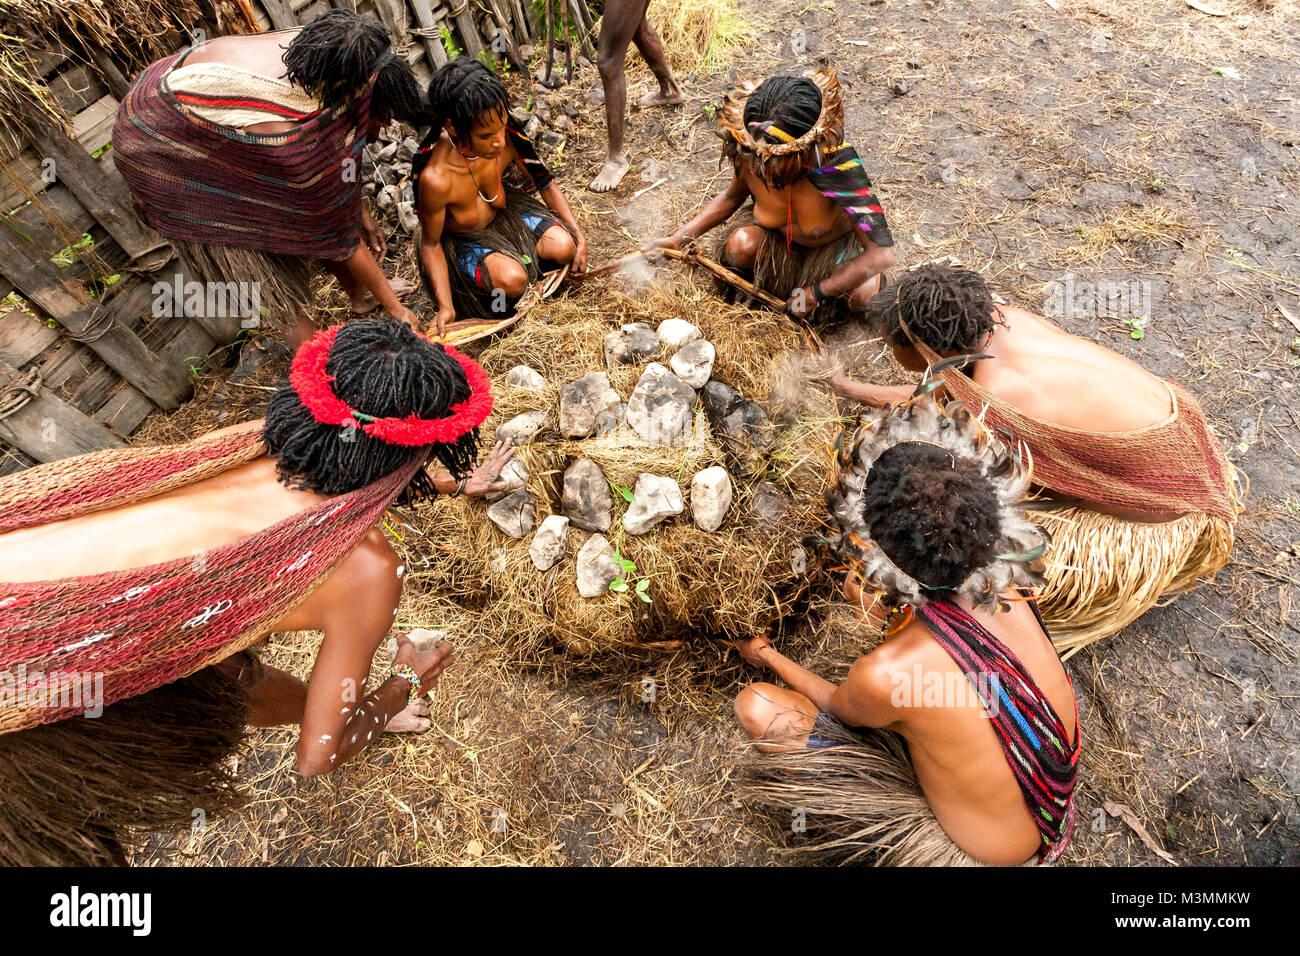 Nude filipina on fb